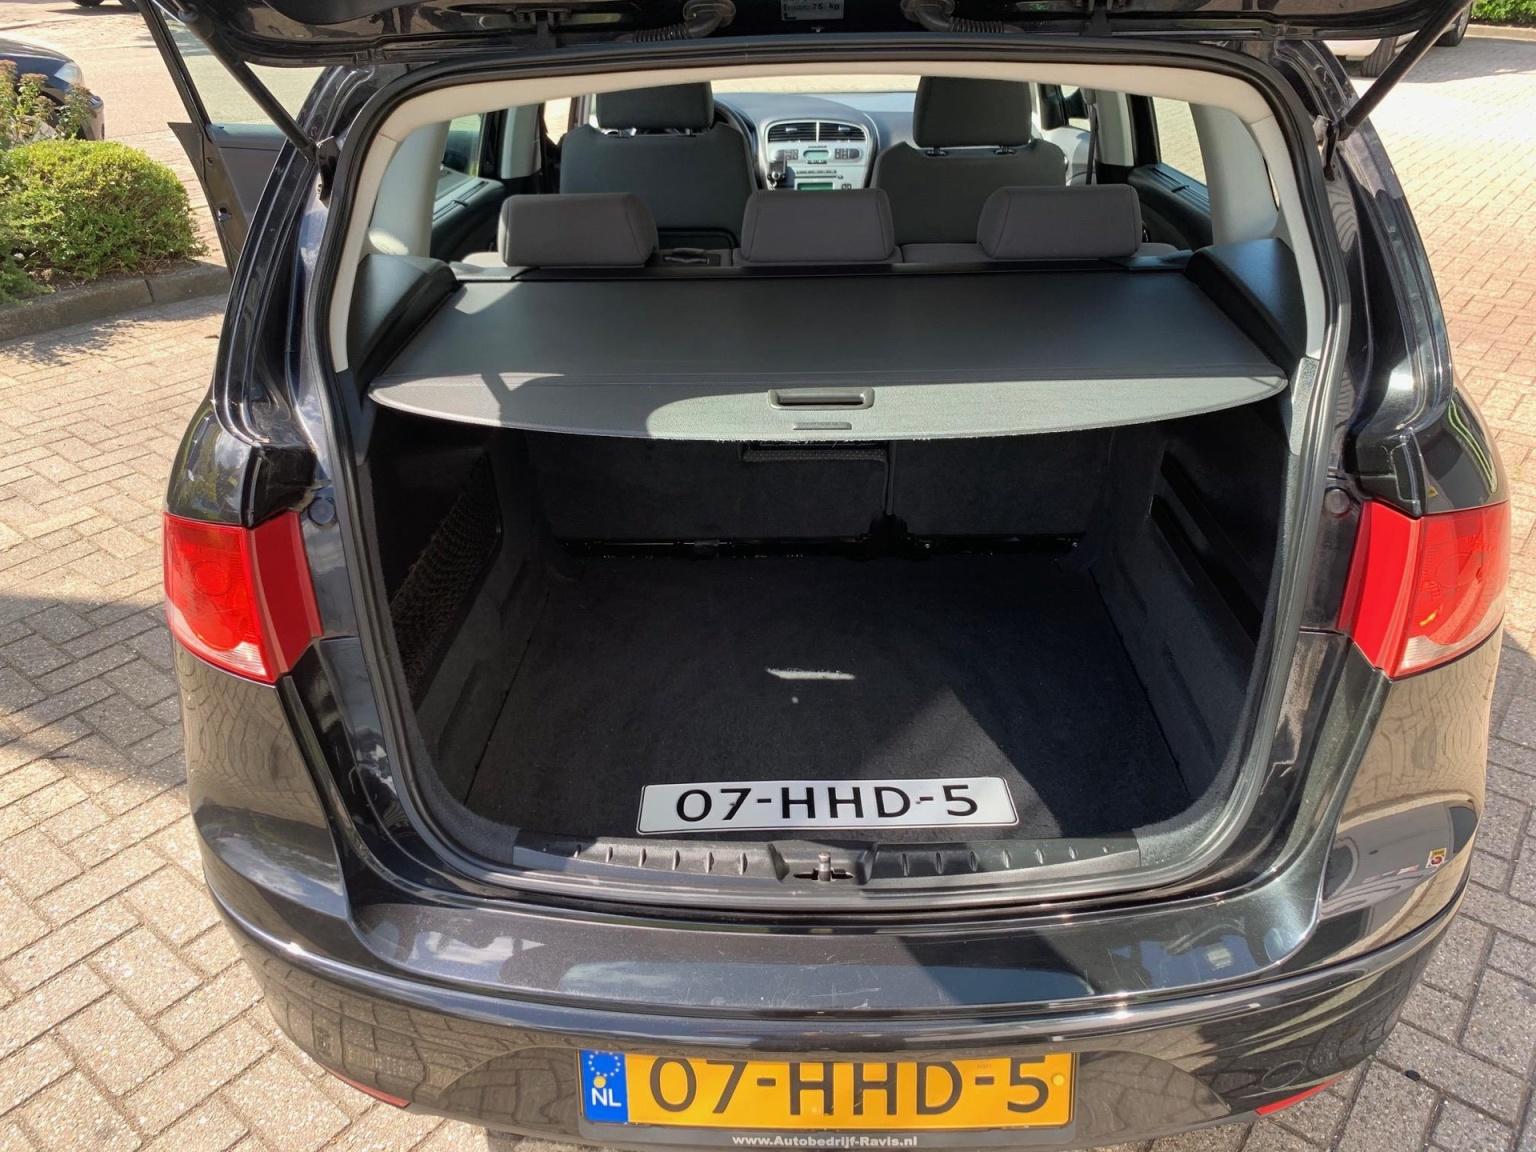 SEAT-Altea XL-9